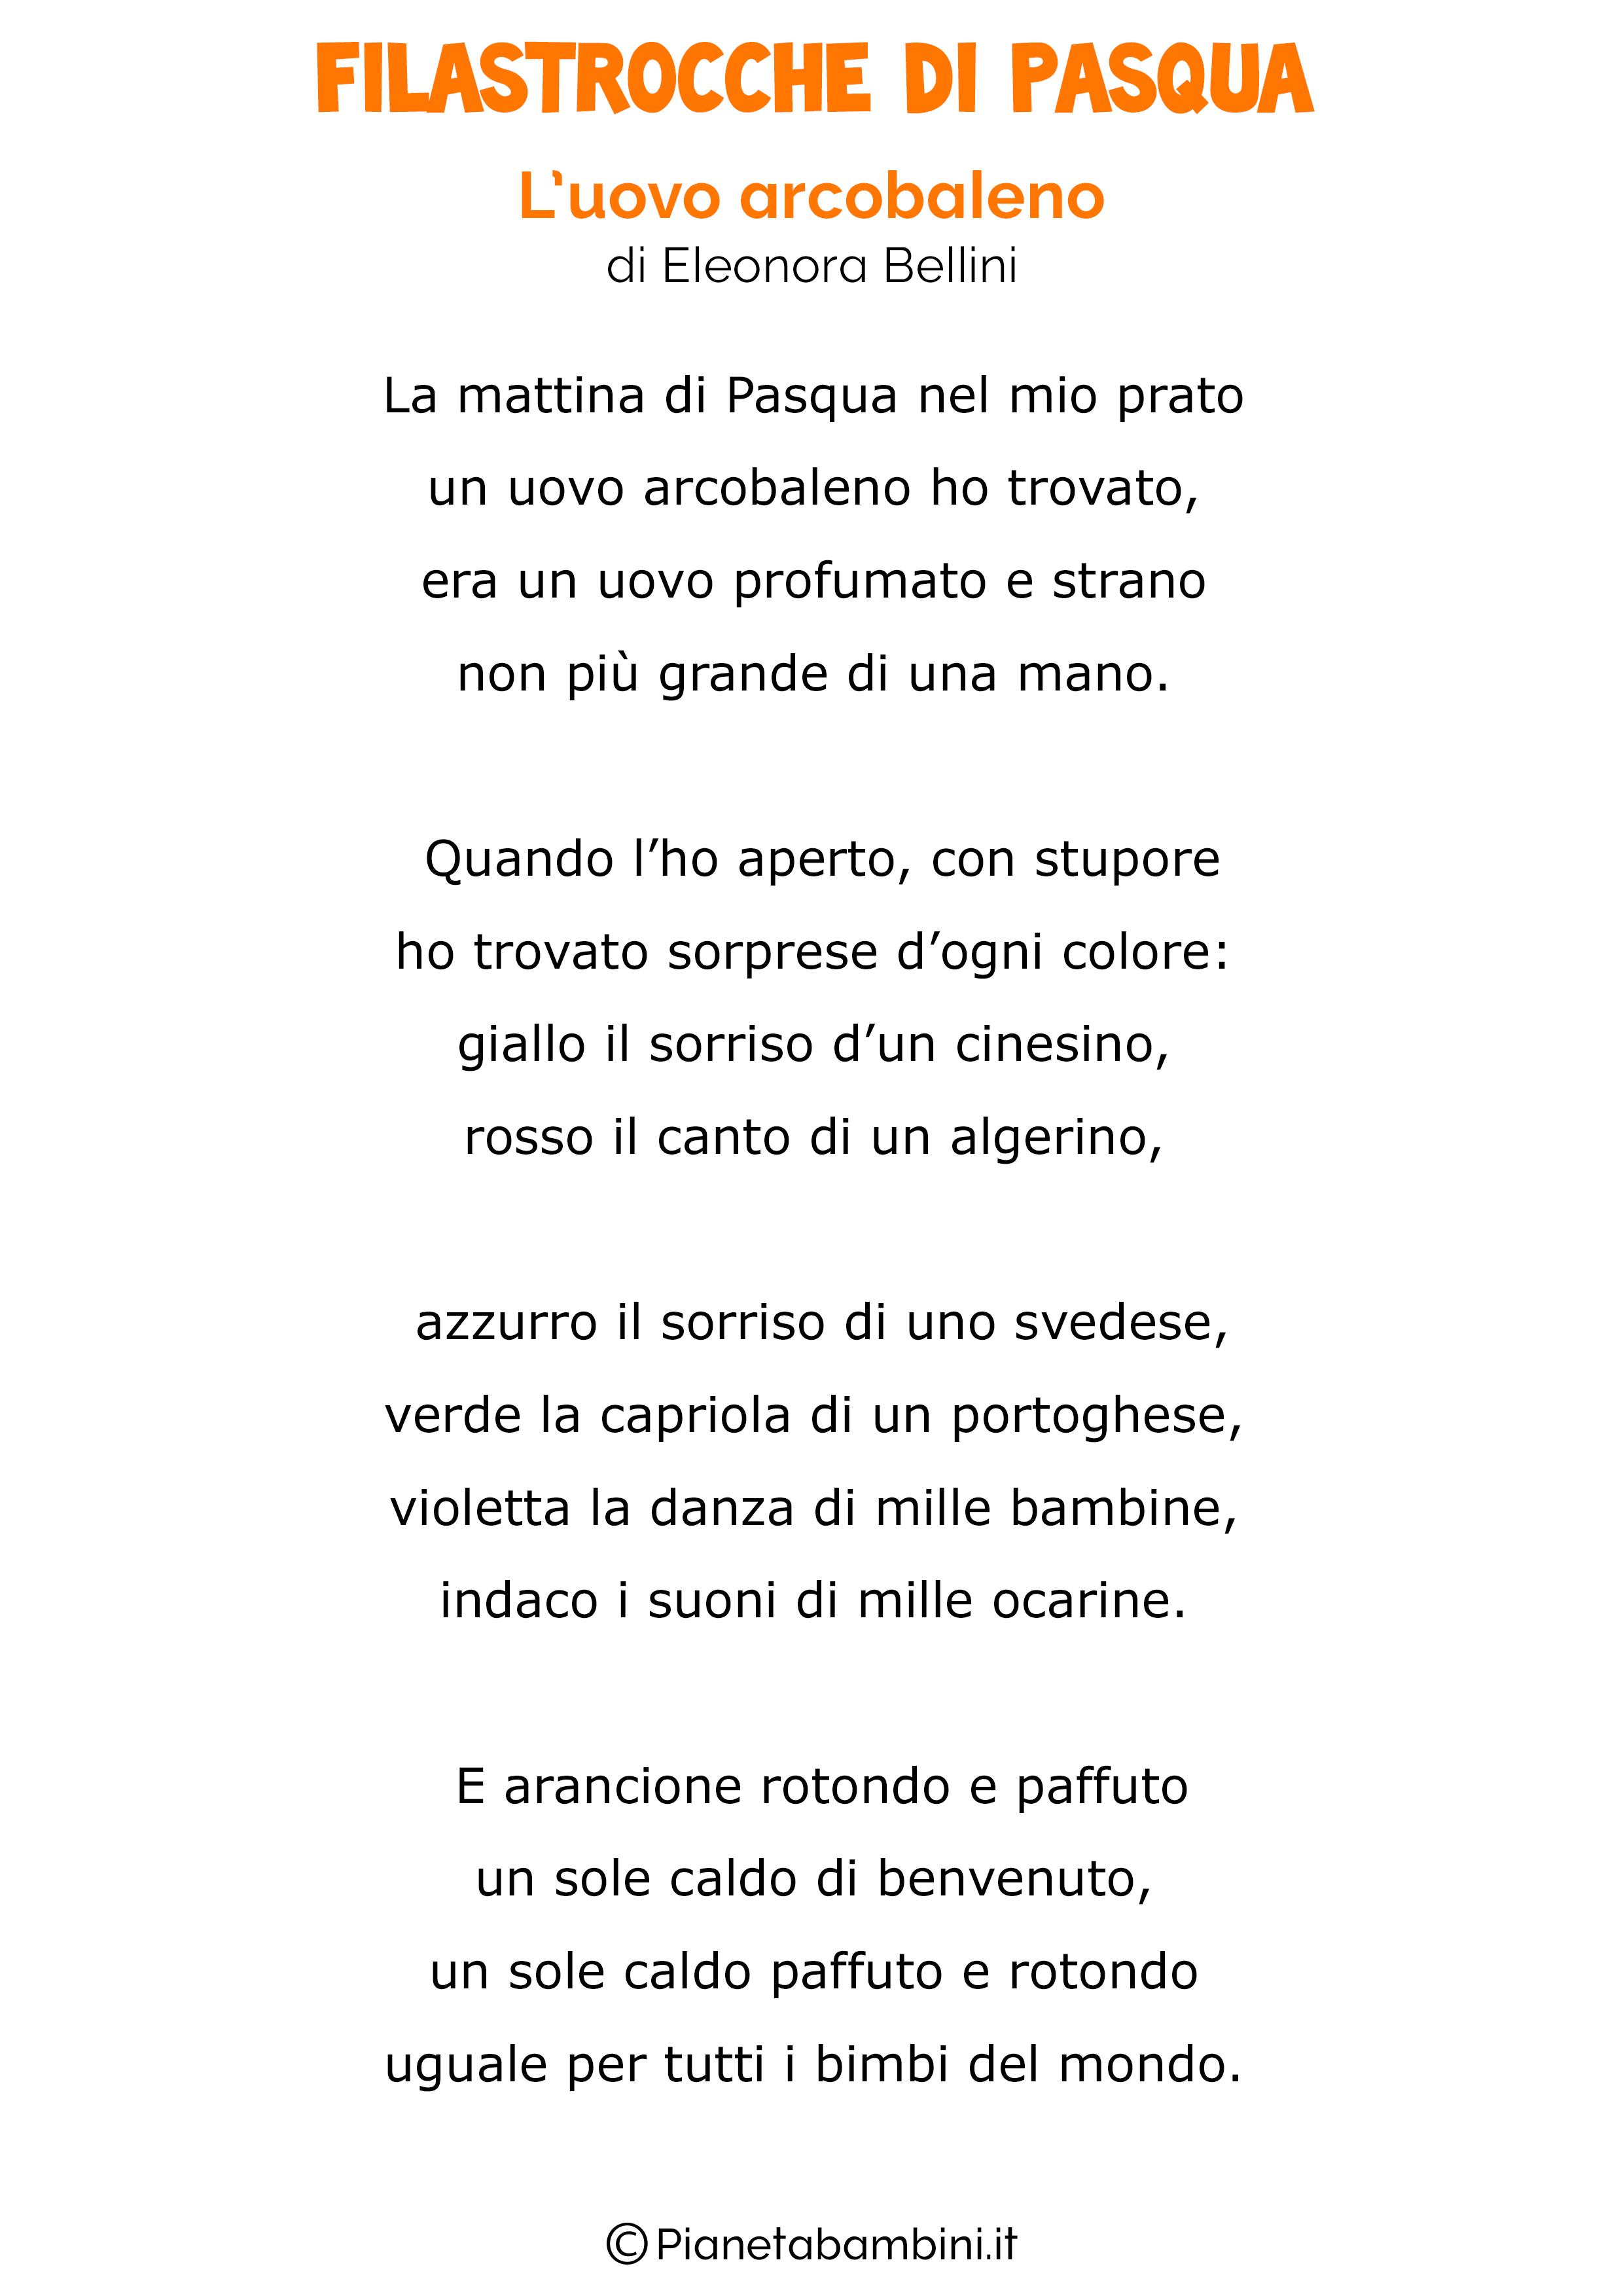 L-uovo-arcobaleno-Eleonora-Bellini